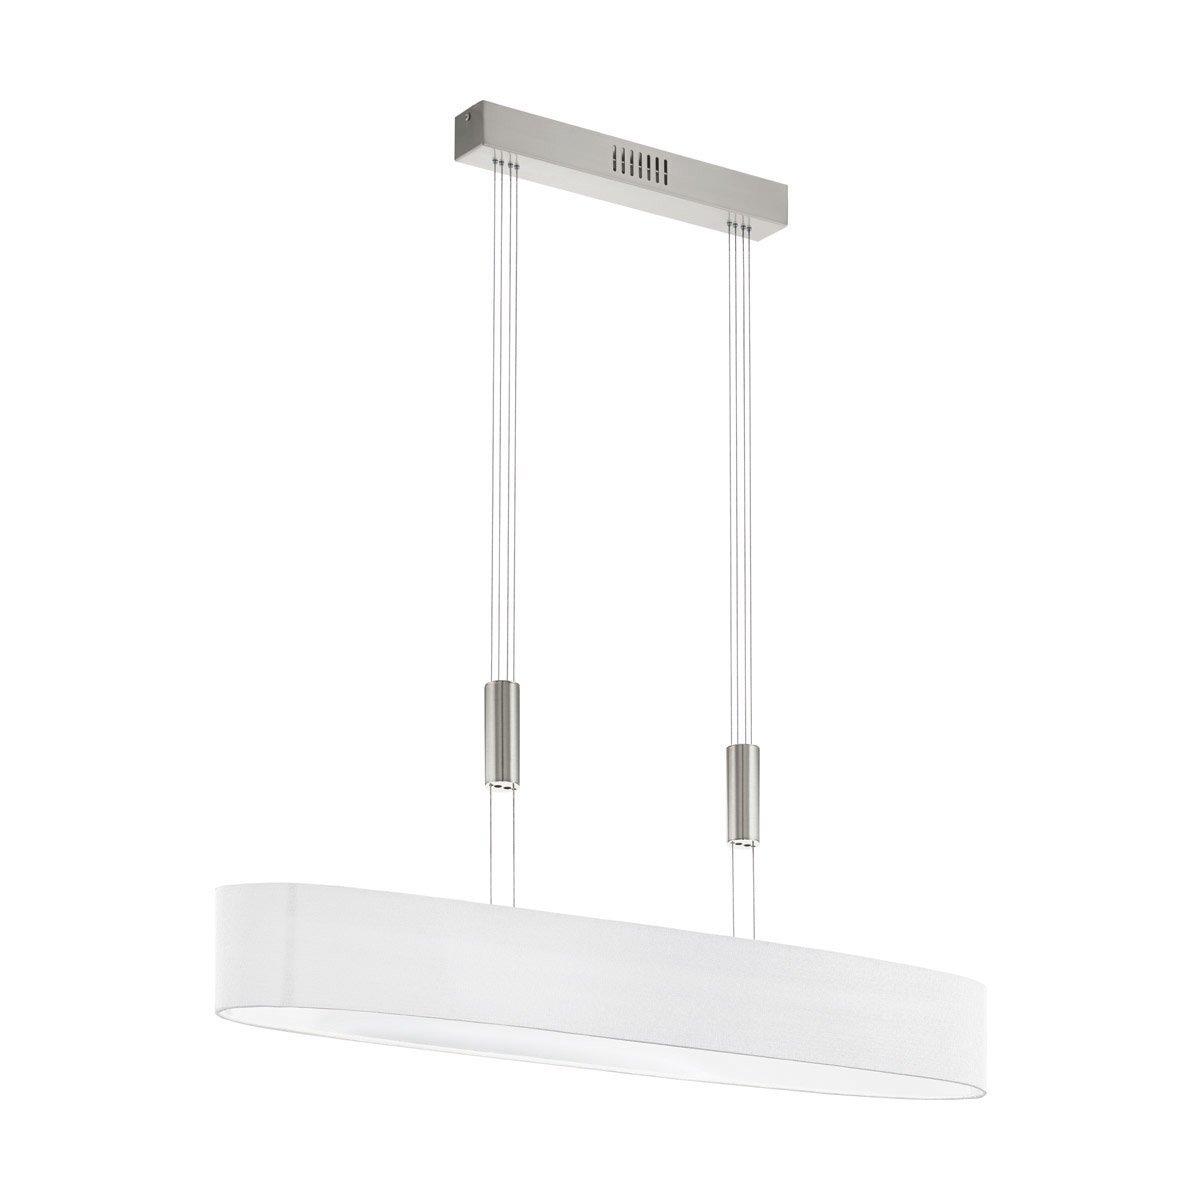 Eglo Hanglamp Romao 1 Eglo 95333